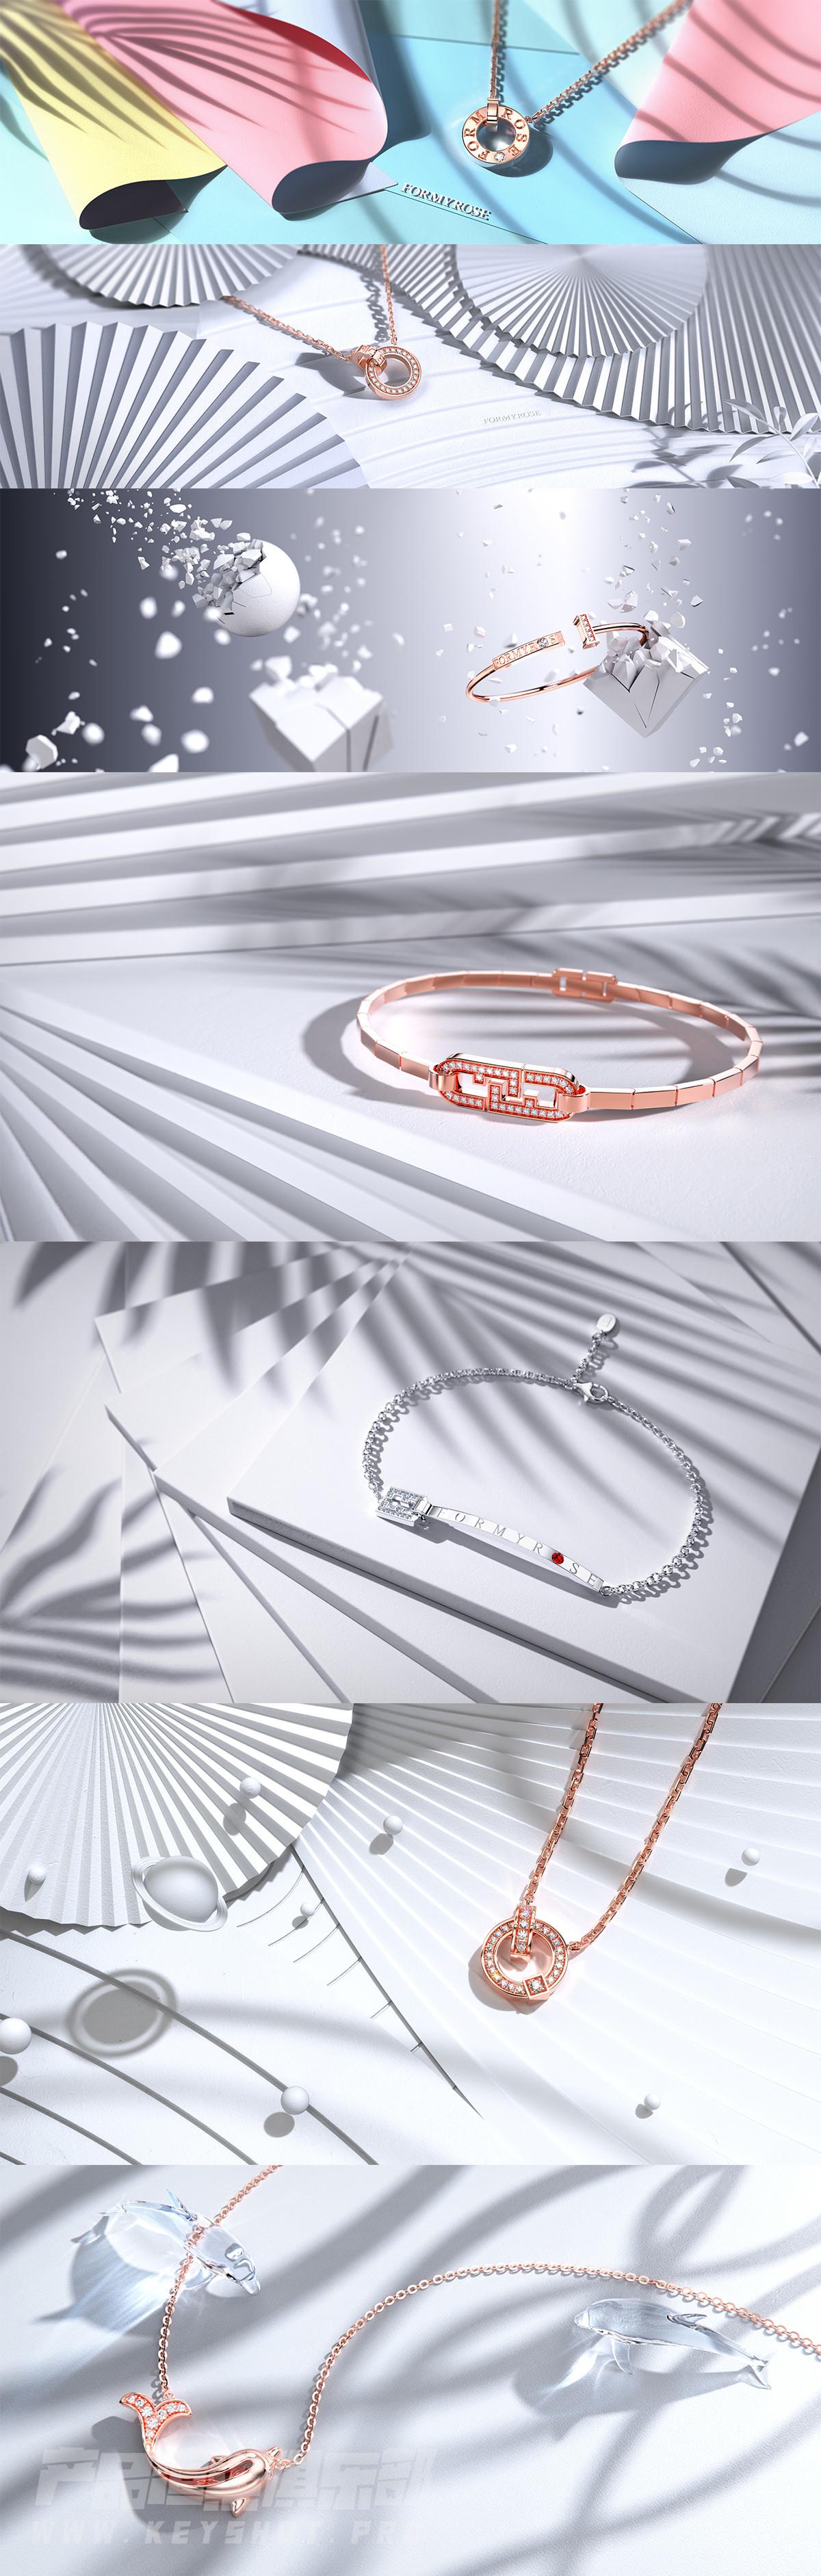 【Keyshot珠宝系列】科幻风格场景渲染全流程